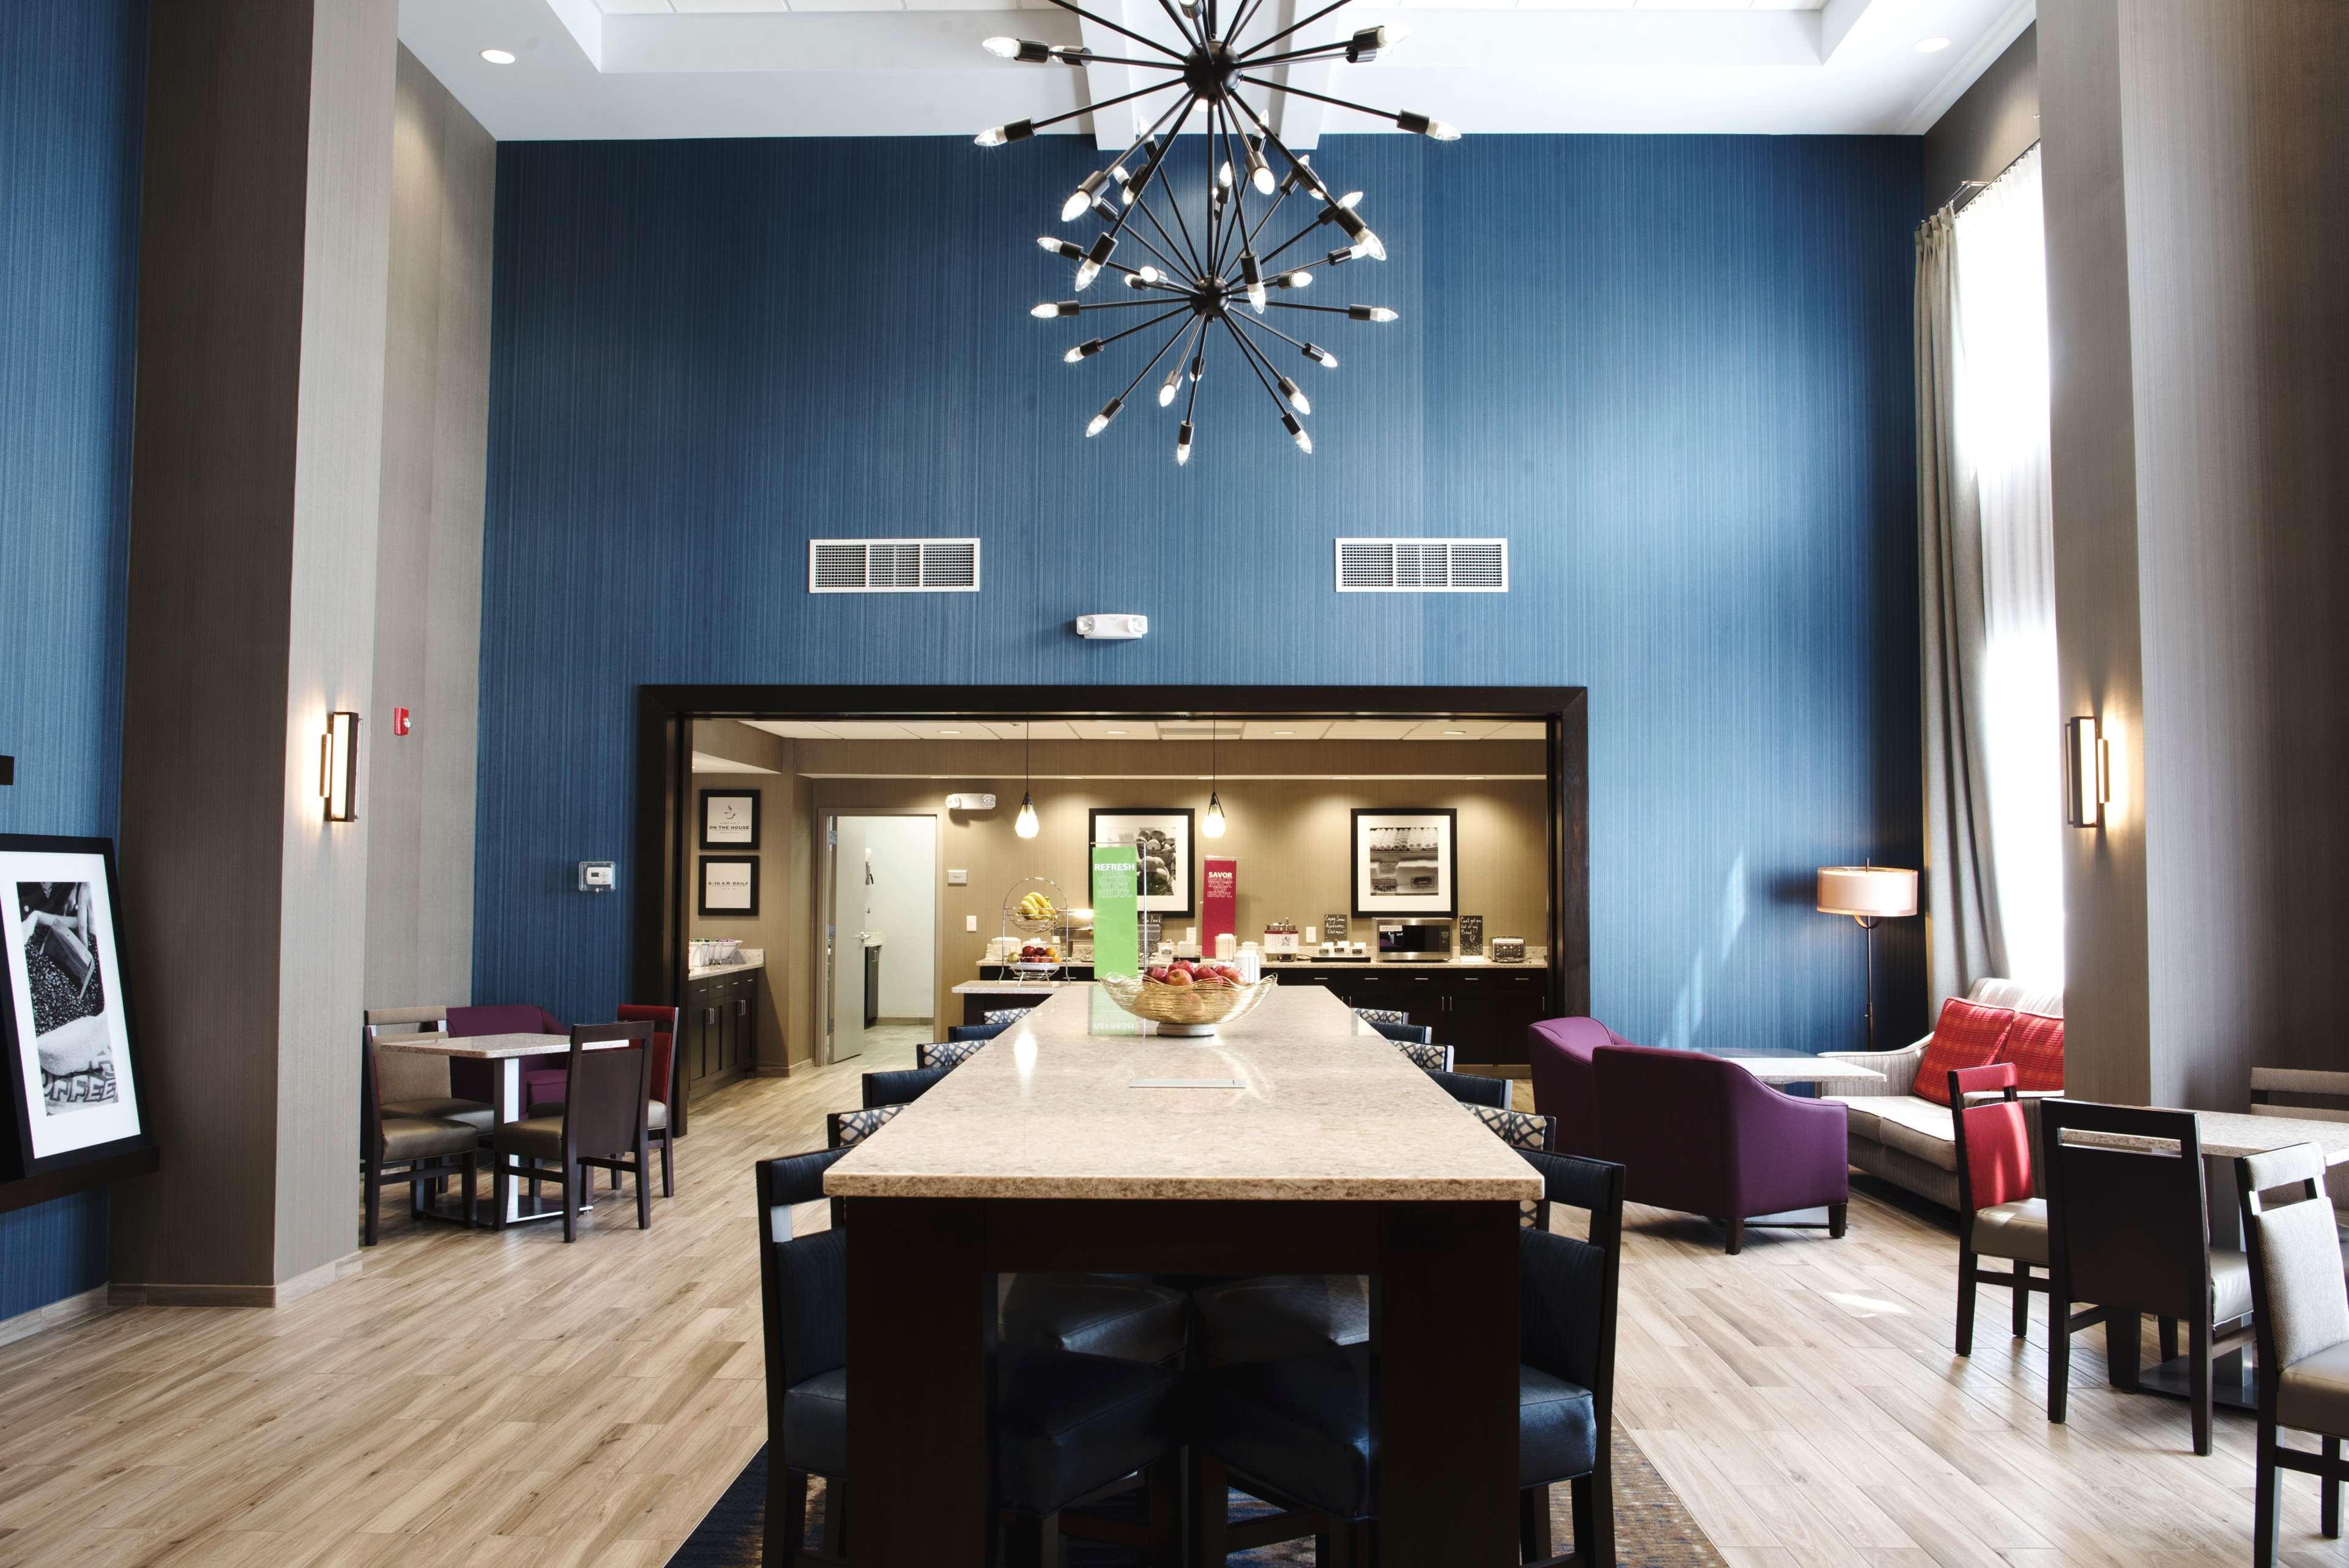 Hampton Inn & Suites Des Moines/Urbandale image 16